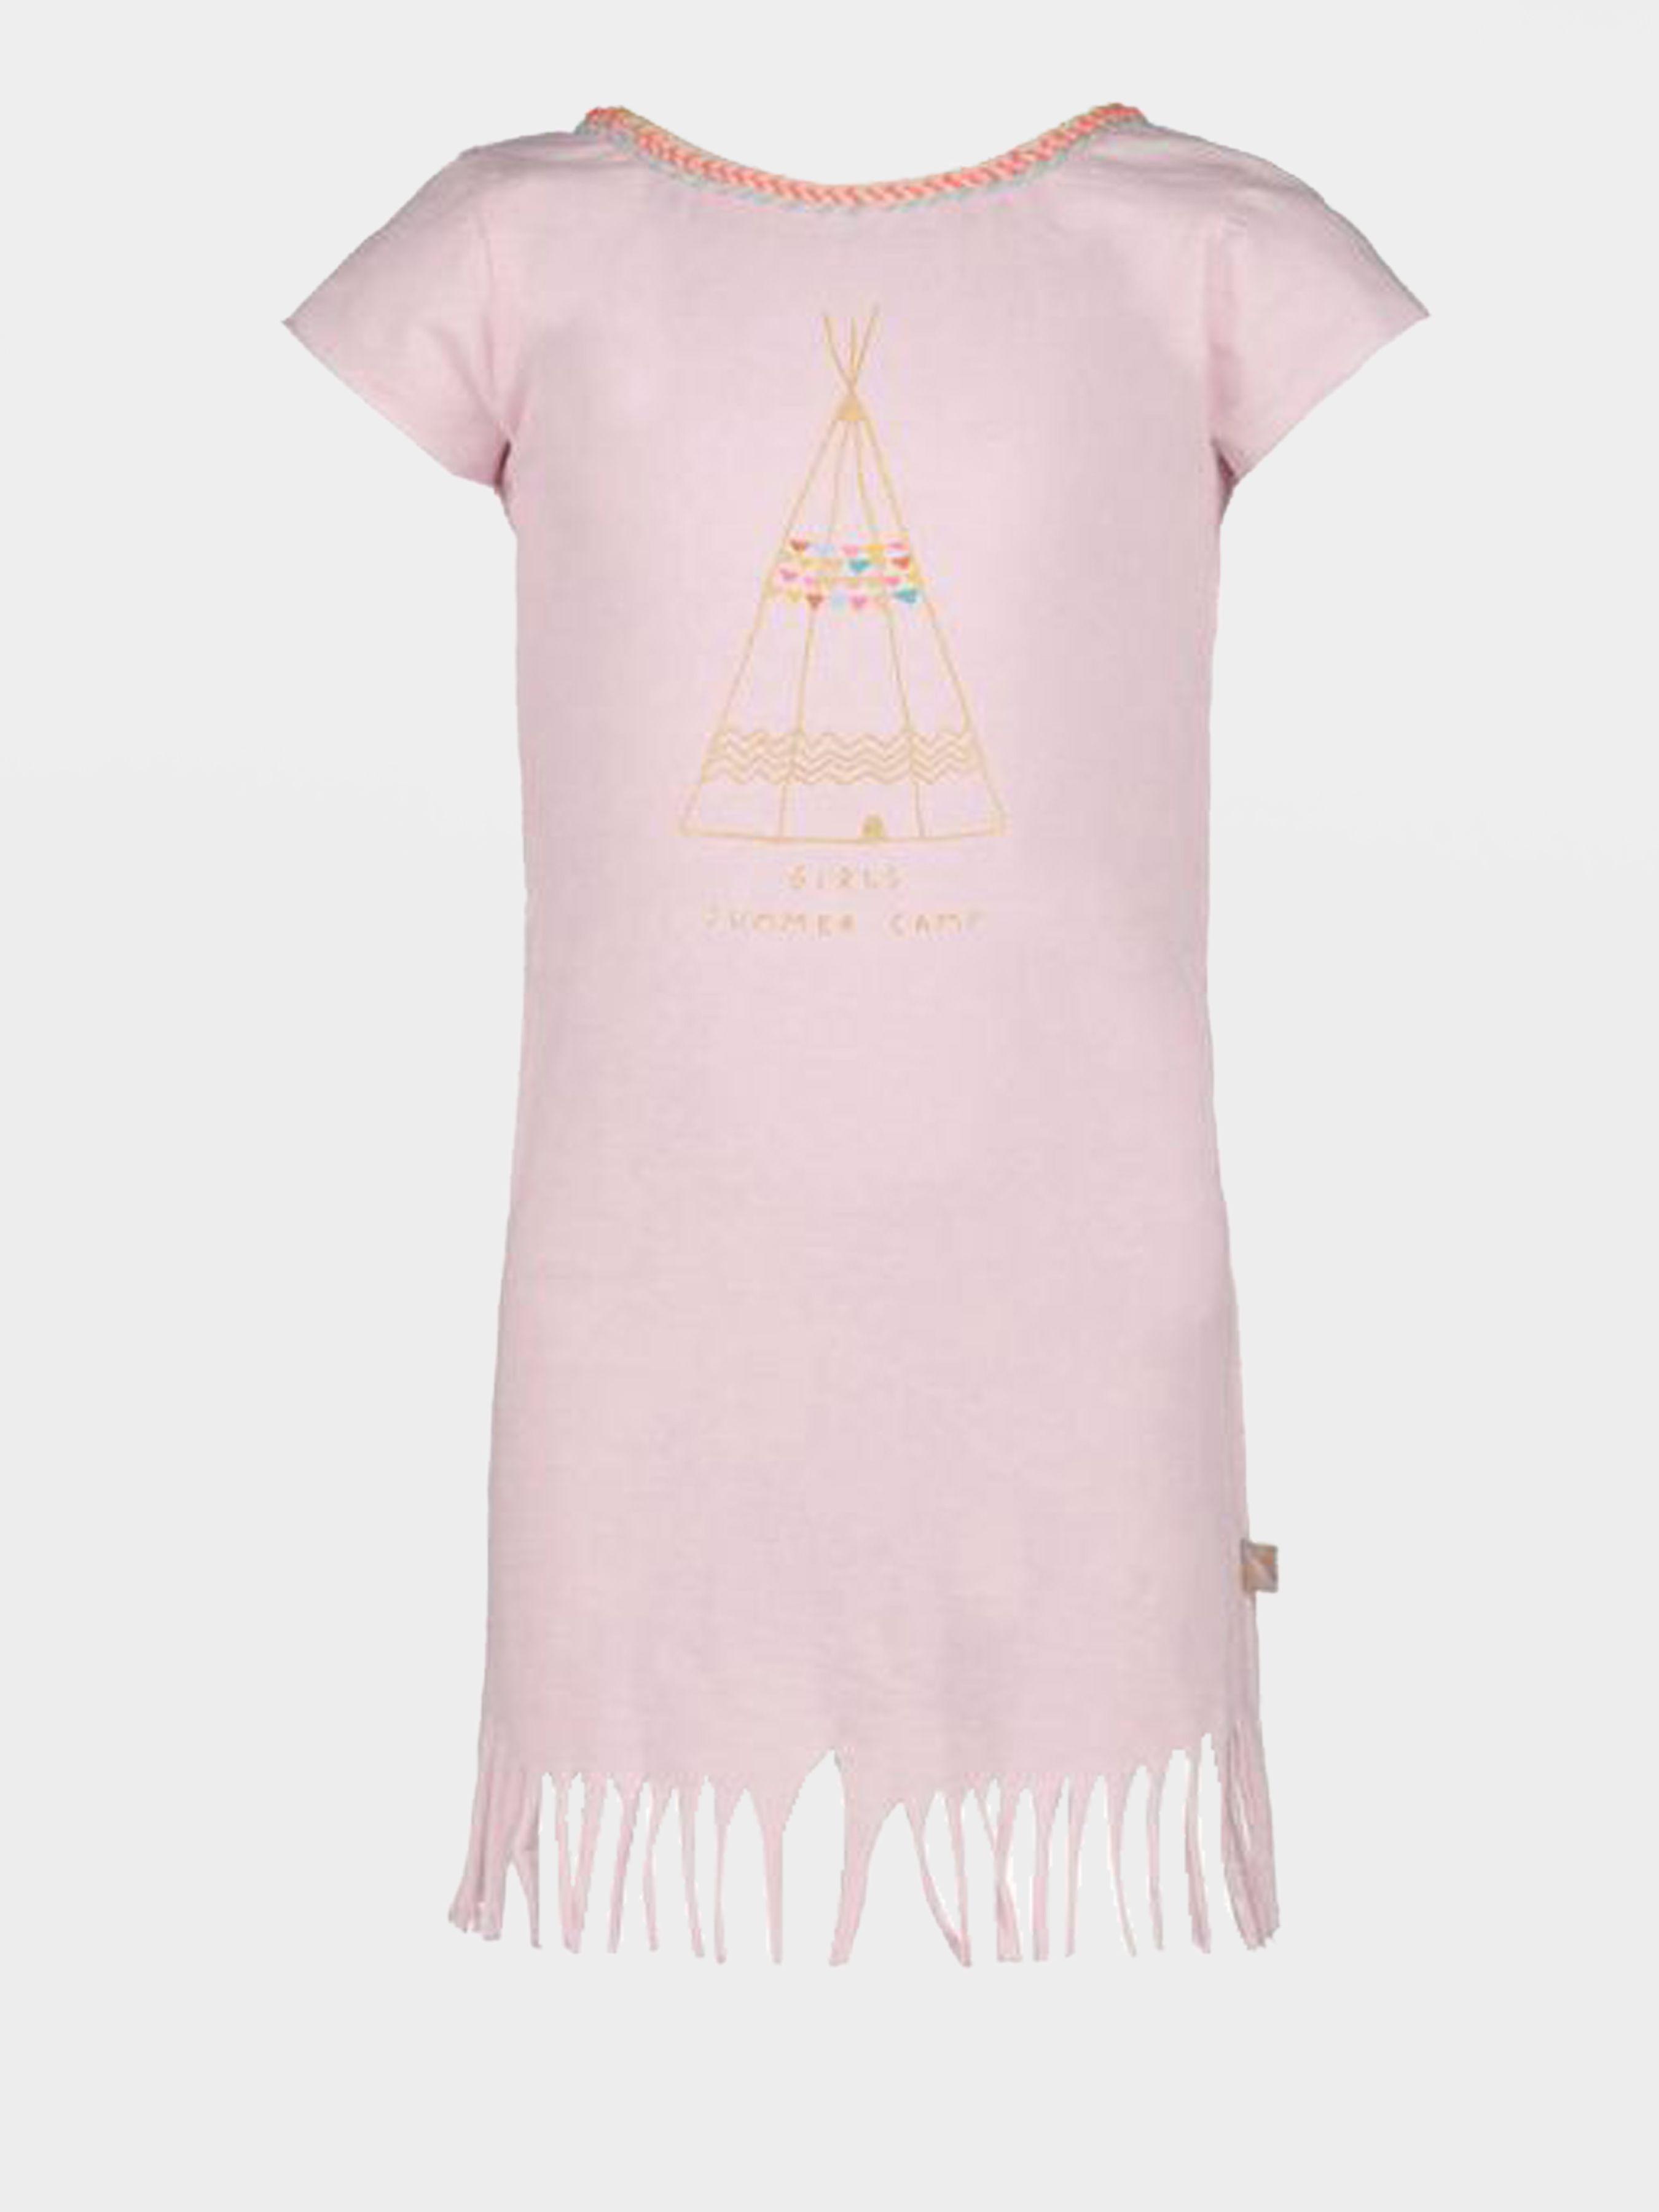 BILLIEBLUSH Платье детские модель ID490 купить, 2017